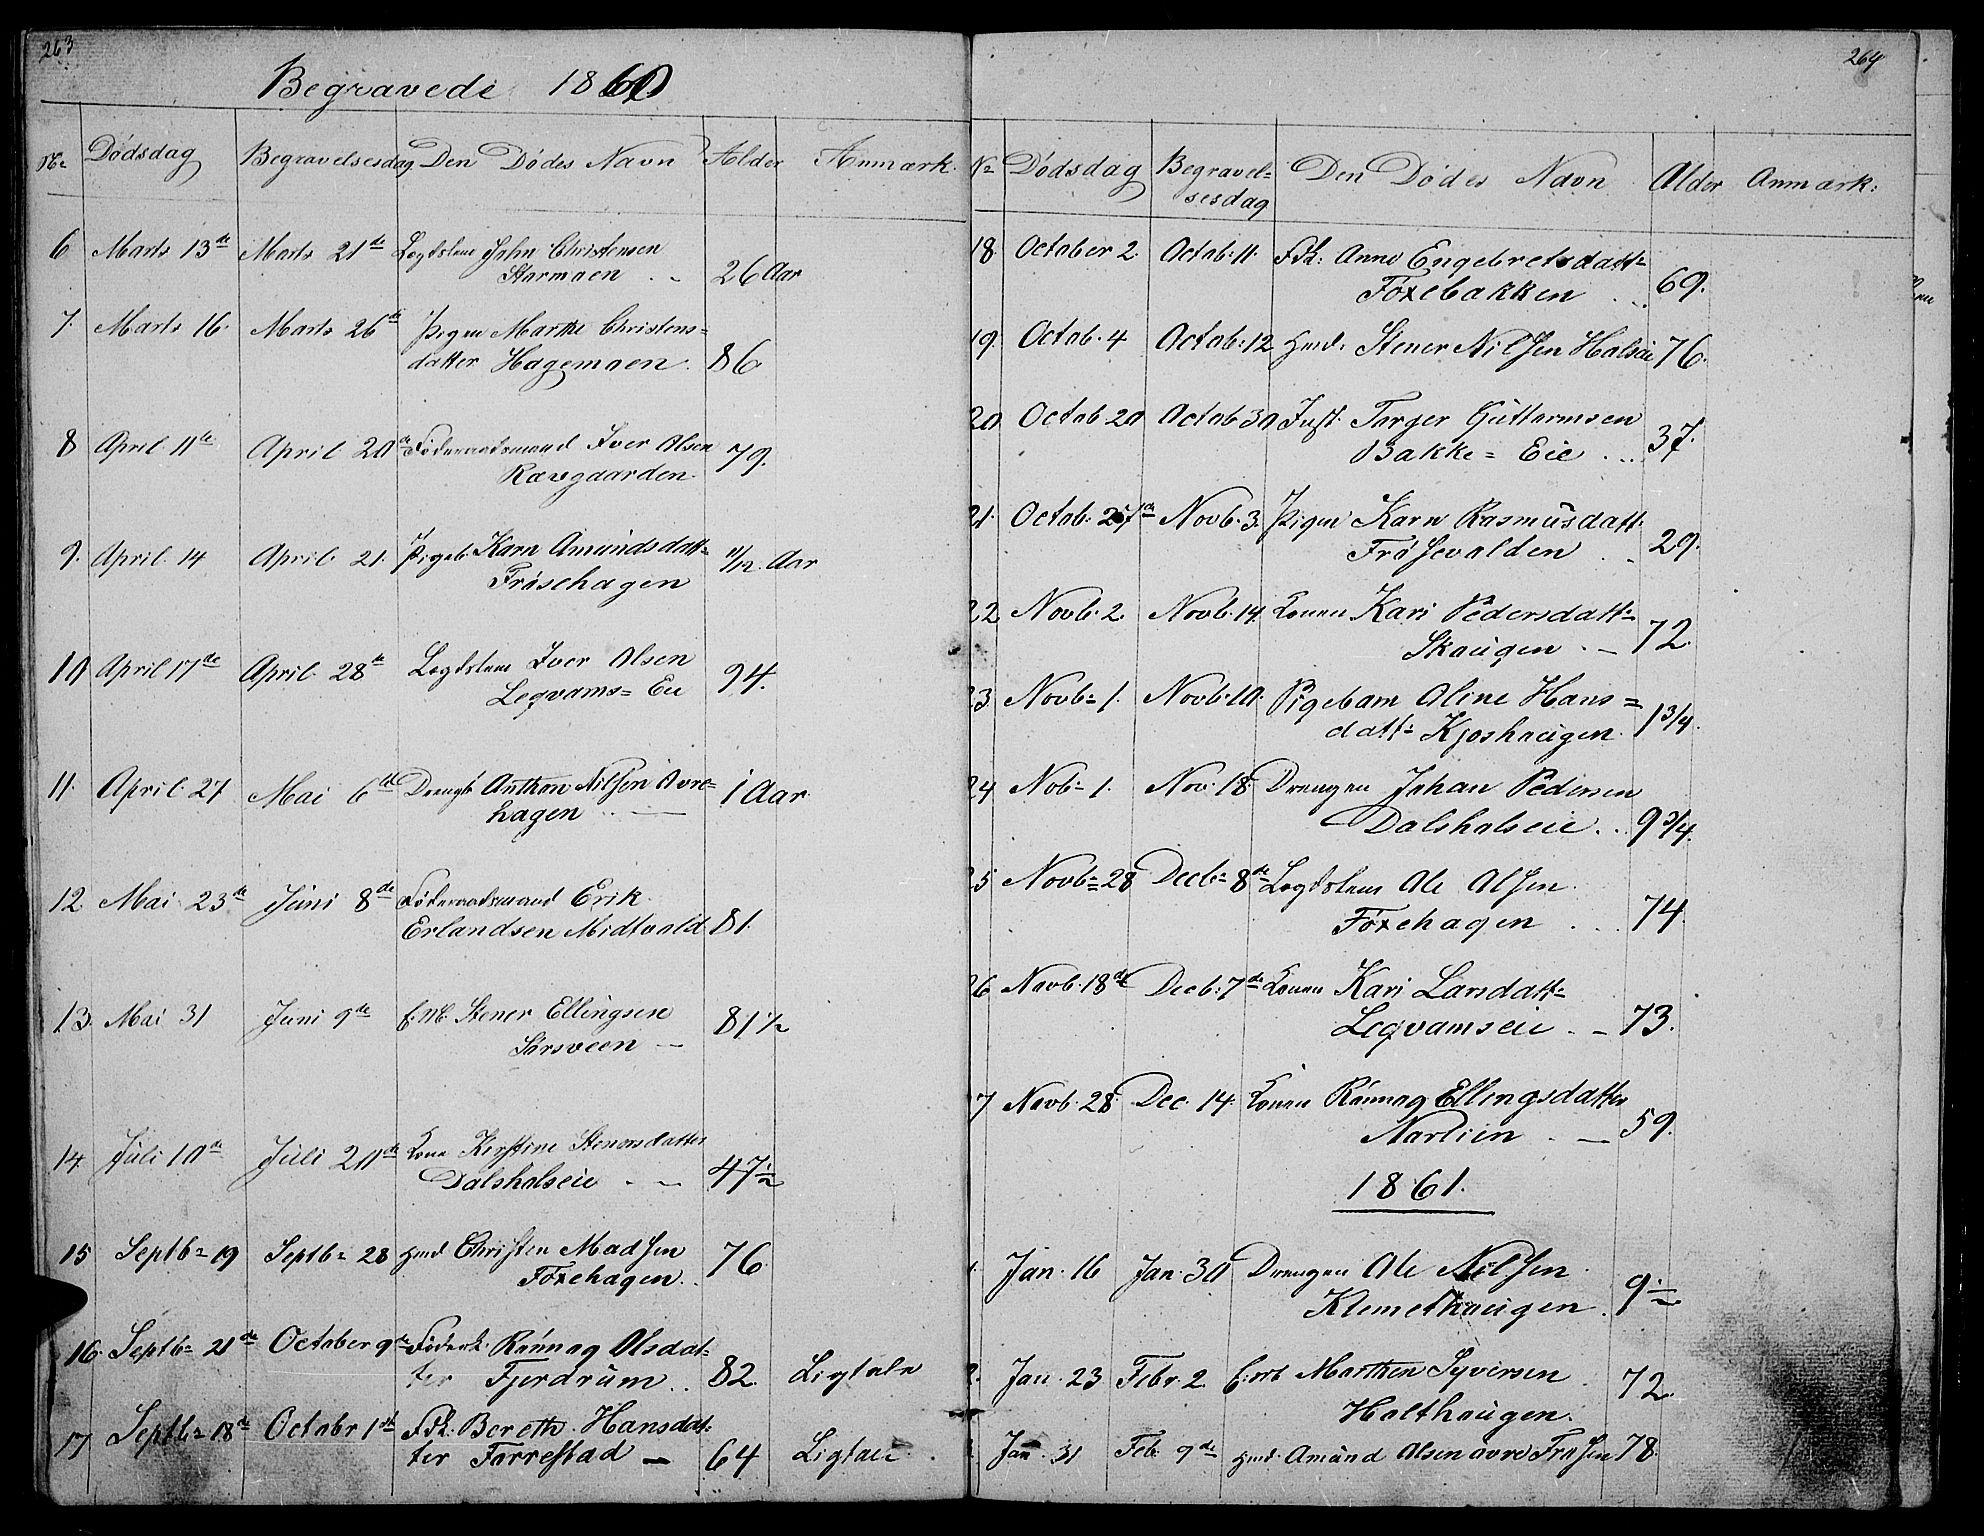 SAH, Gausdal prestekontor, Klokkerbok nr. 3, 1829-1864, s. 263-264